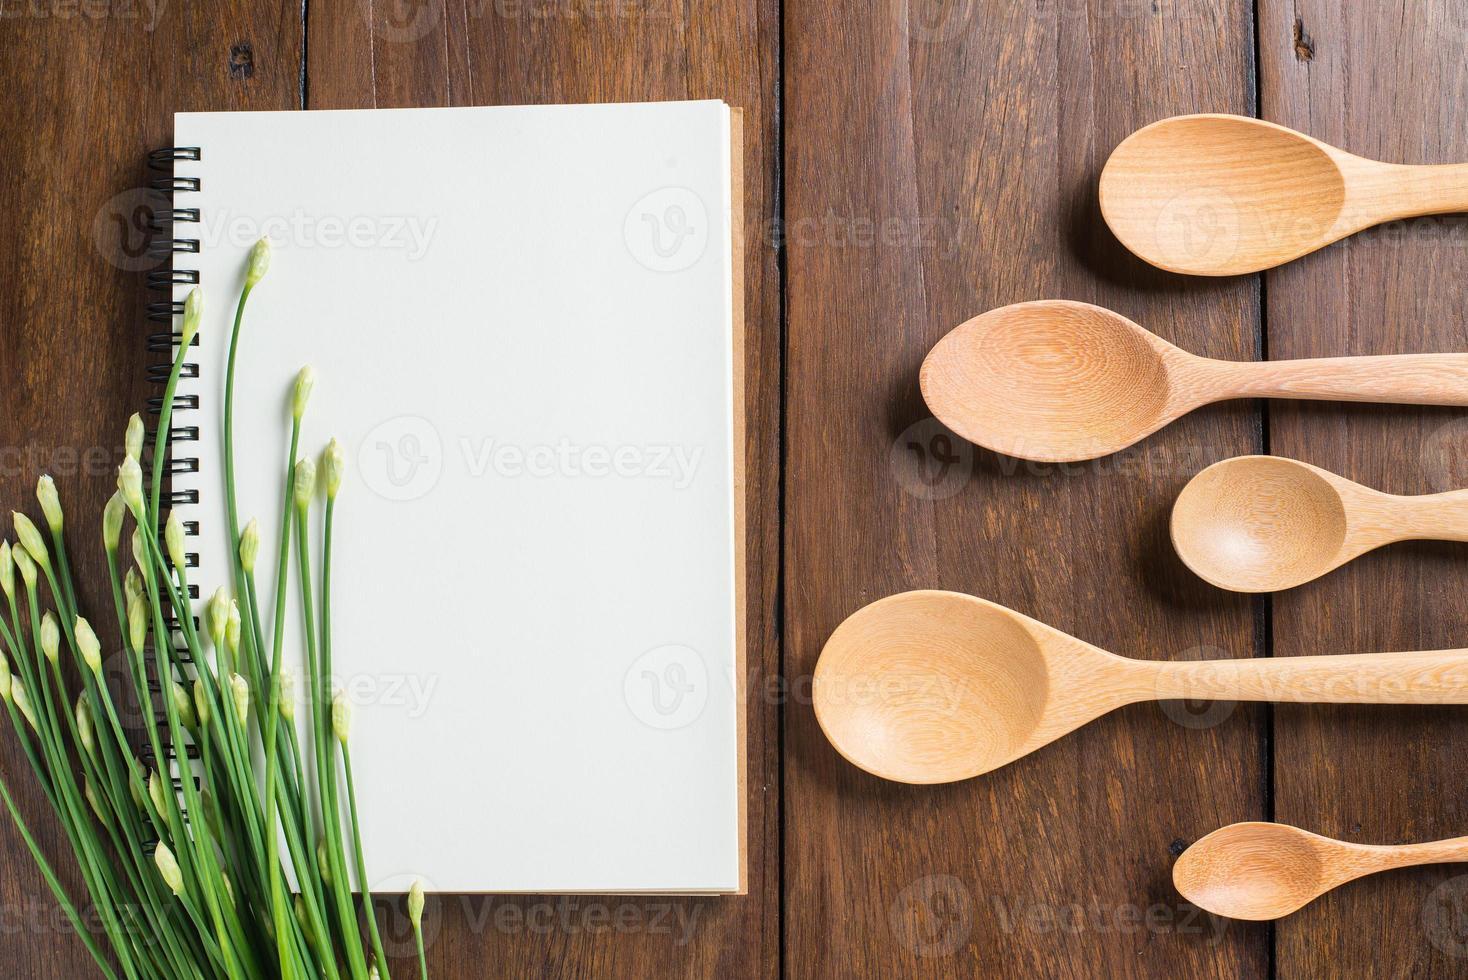 cuaderno de recetas, cuchara, tenedor sobre fondo de madera foto